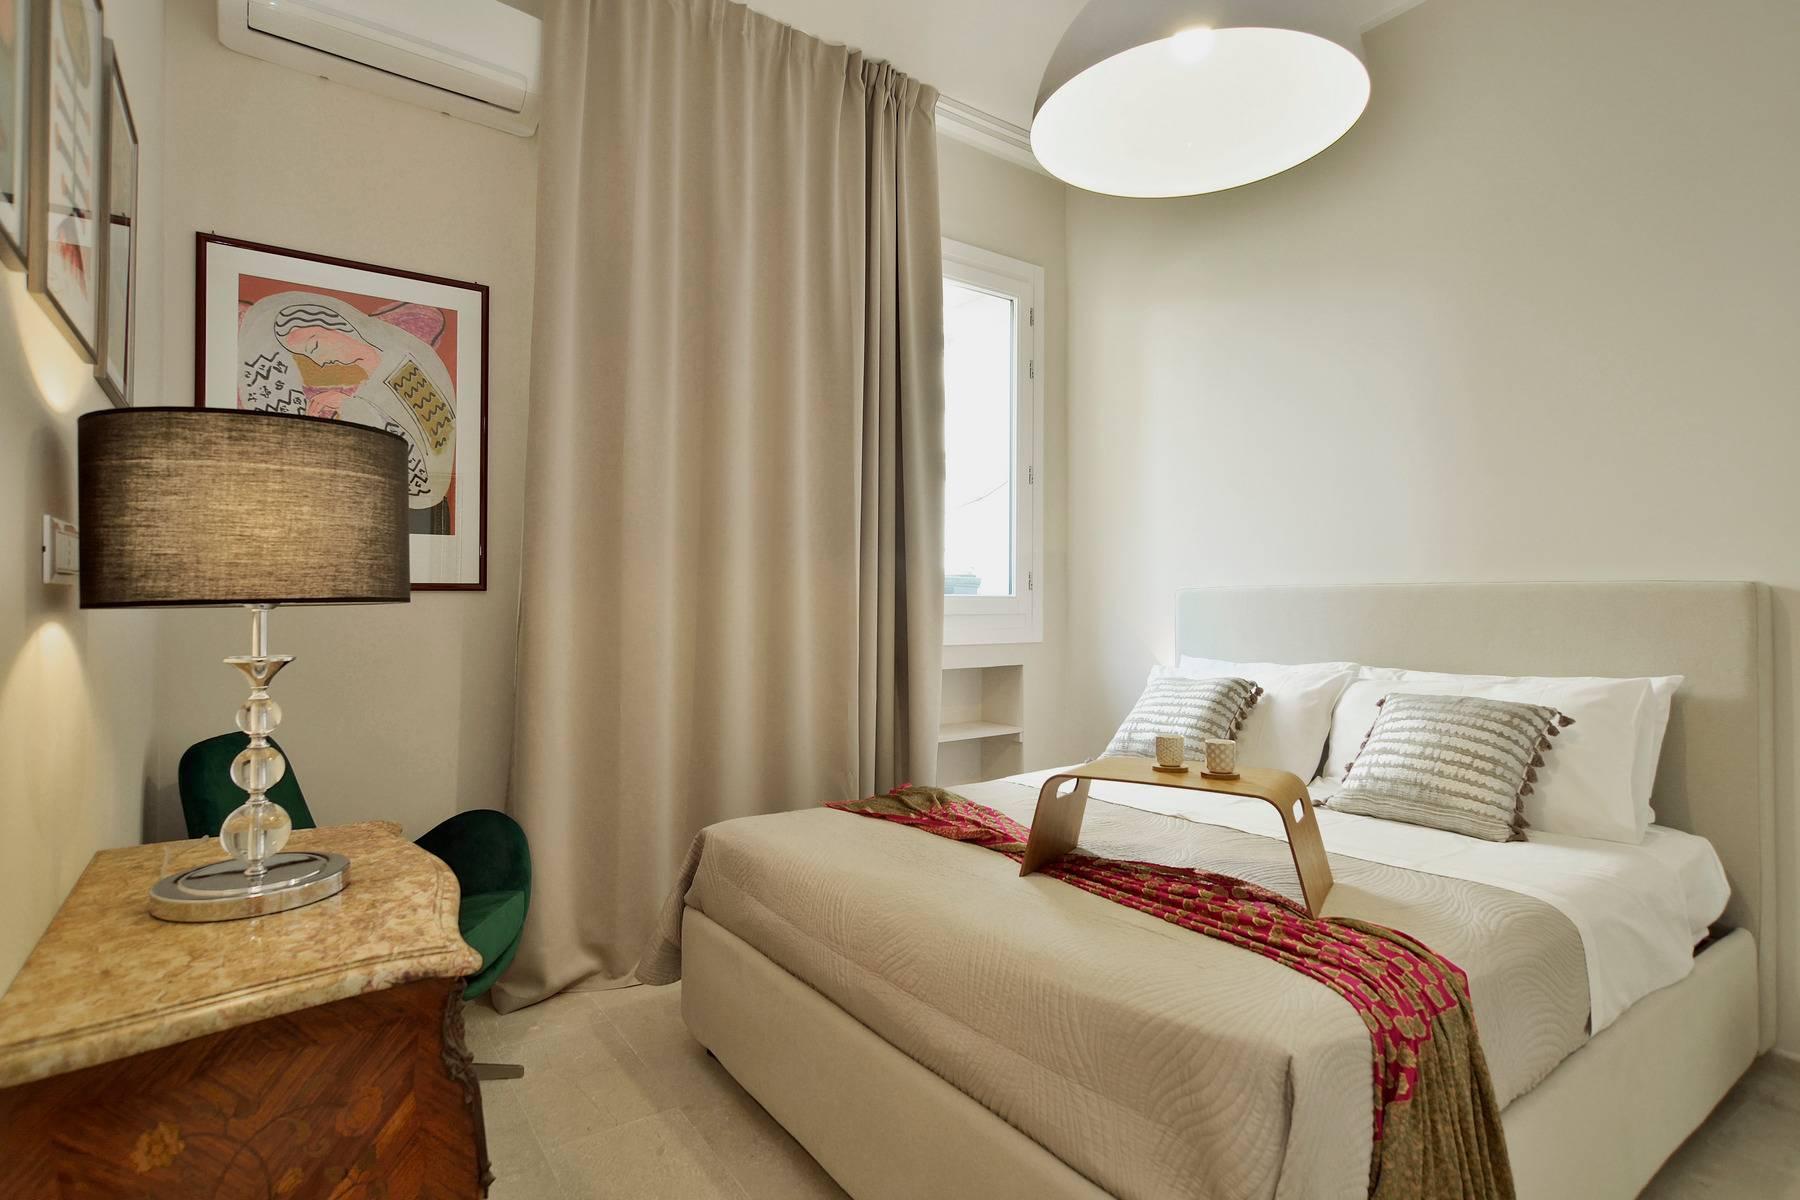 Appartamento in Vendita a Noto: 3 locali, 73 mq - Foto 6